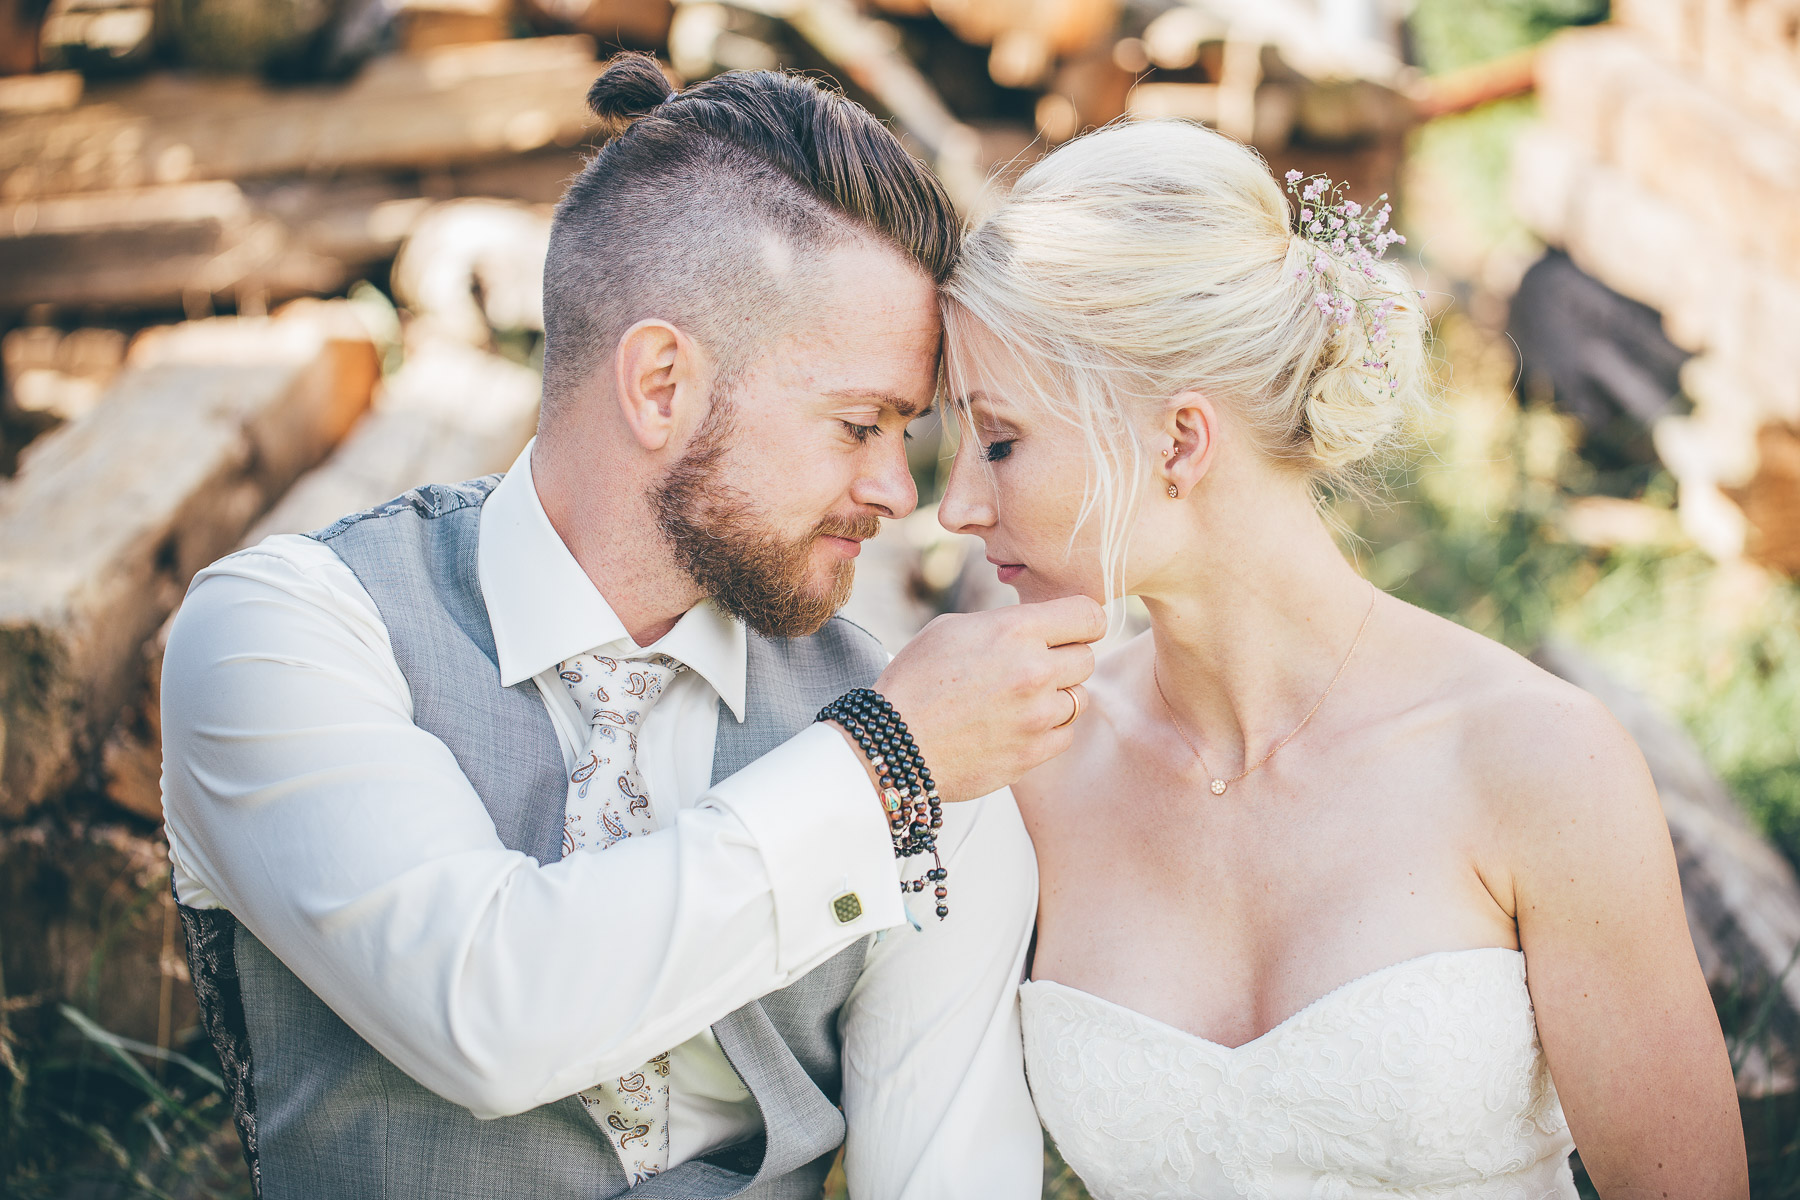 Paarshooting, Hochzeitspaar, Hochzeitsfotografie, Blendend, Hochzeitsfotograf, Hochzeitsfotograf Leipzig, Braut, Hochzeitskleid, Hochzeitstag, Wedding Photography